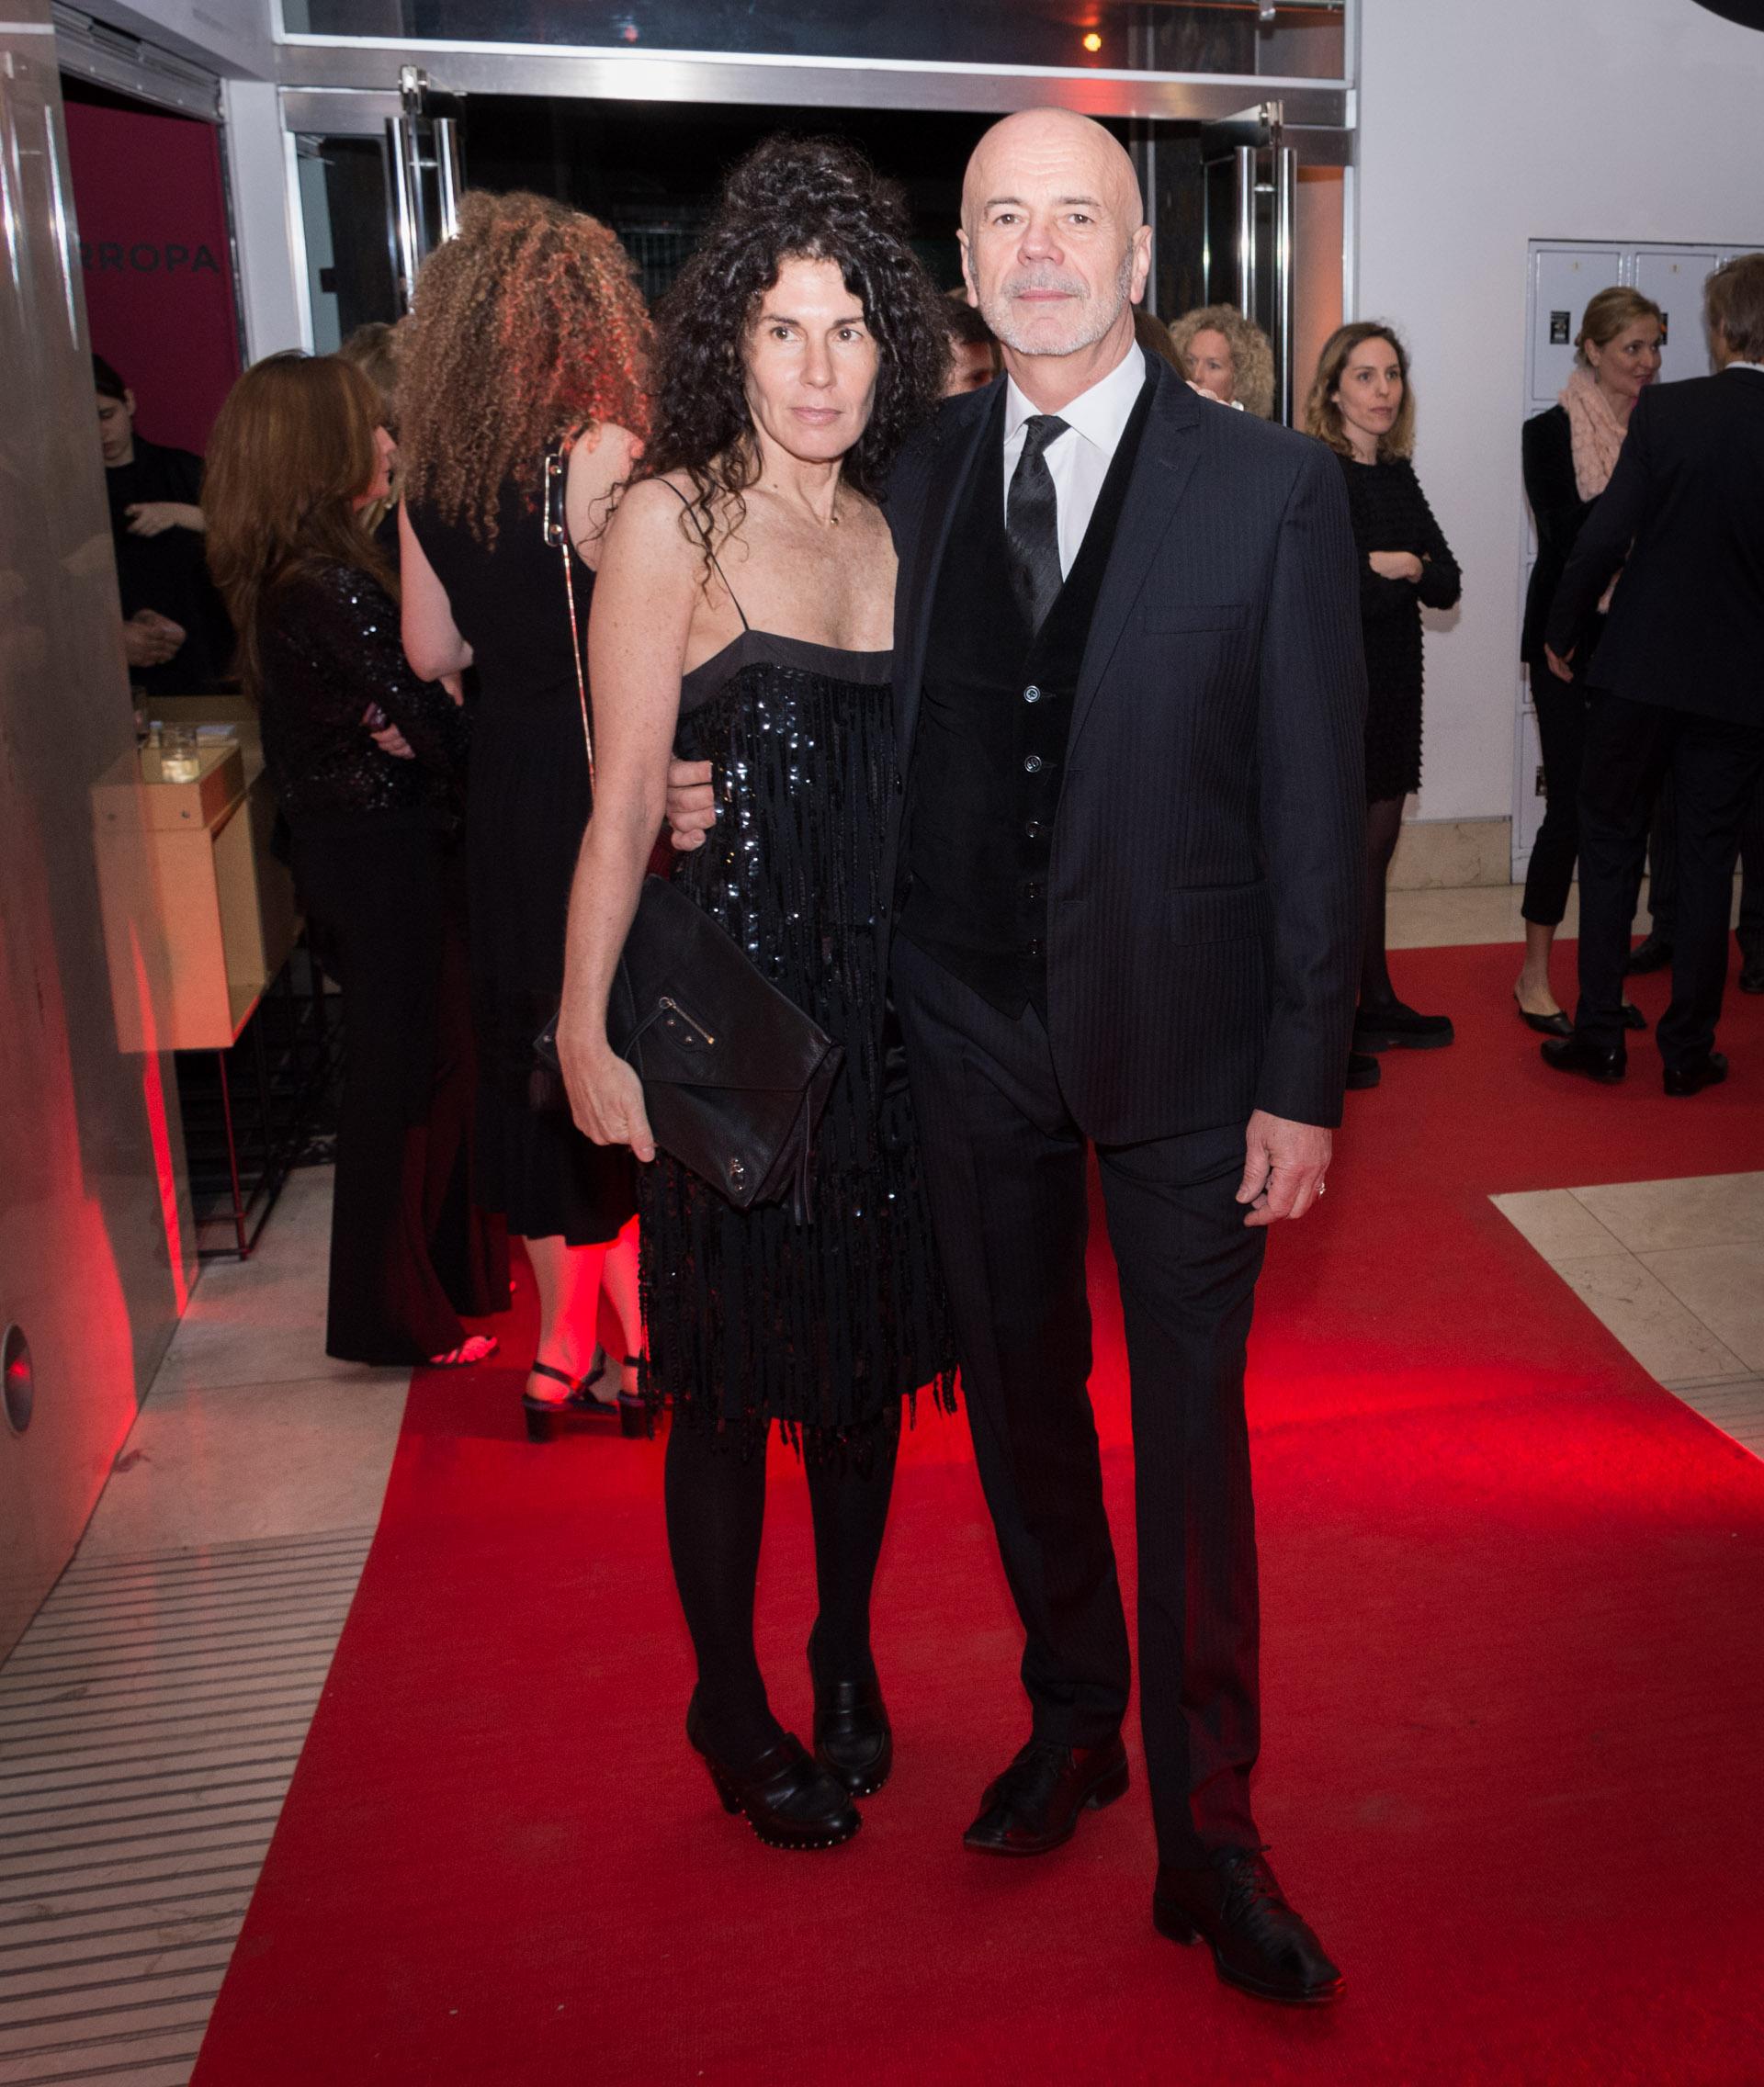 Jorge Telerman, director del Complejo Teatral de BuenosAires, y la artista plástica Cynthia Cohen